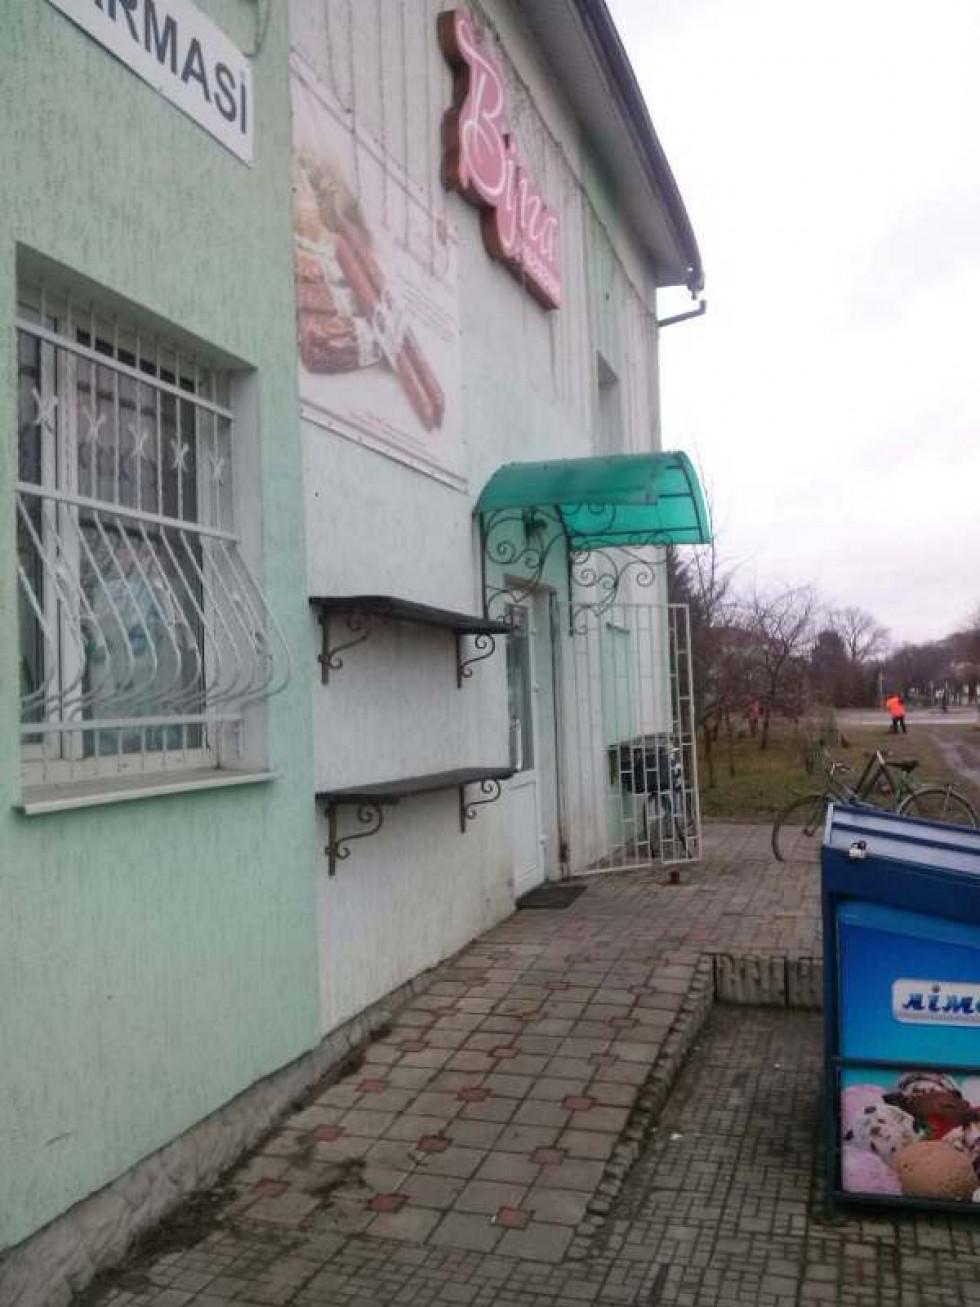 Магазин «Вілга»